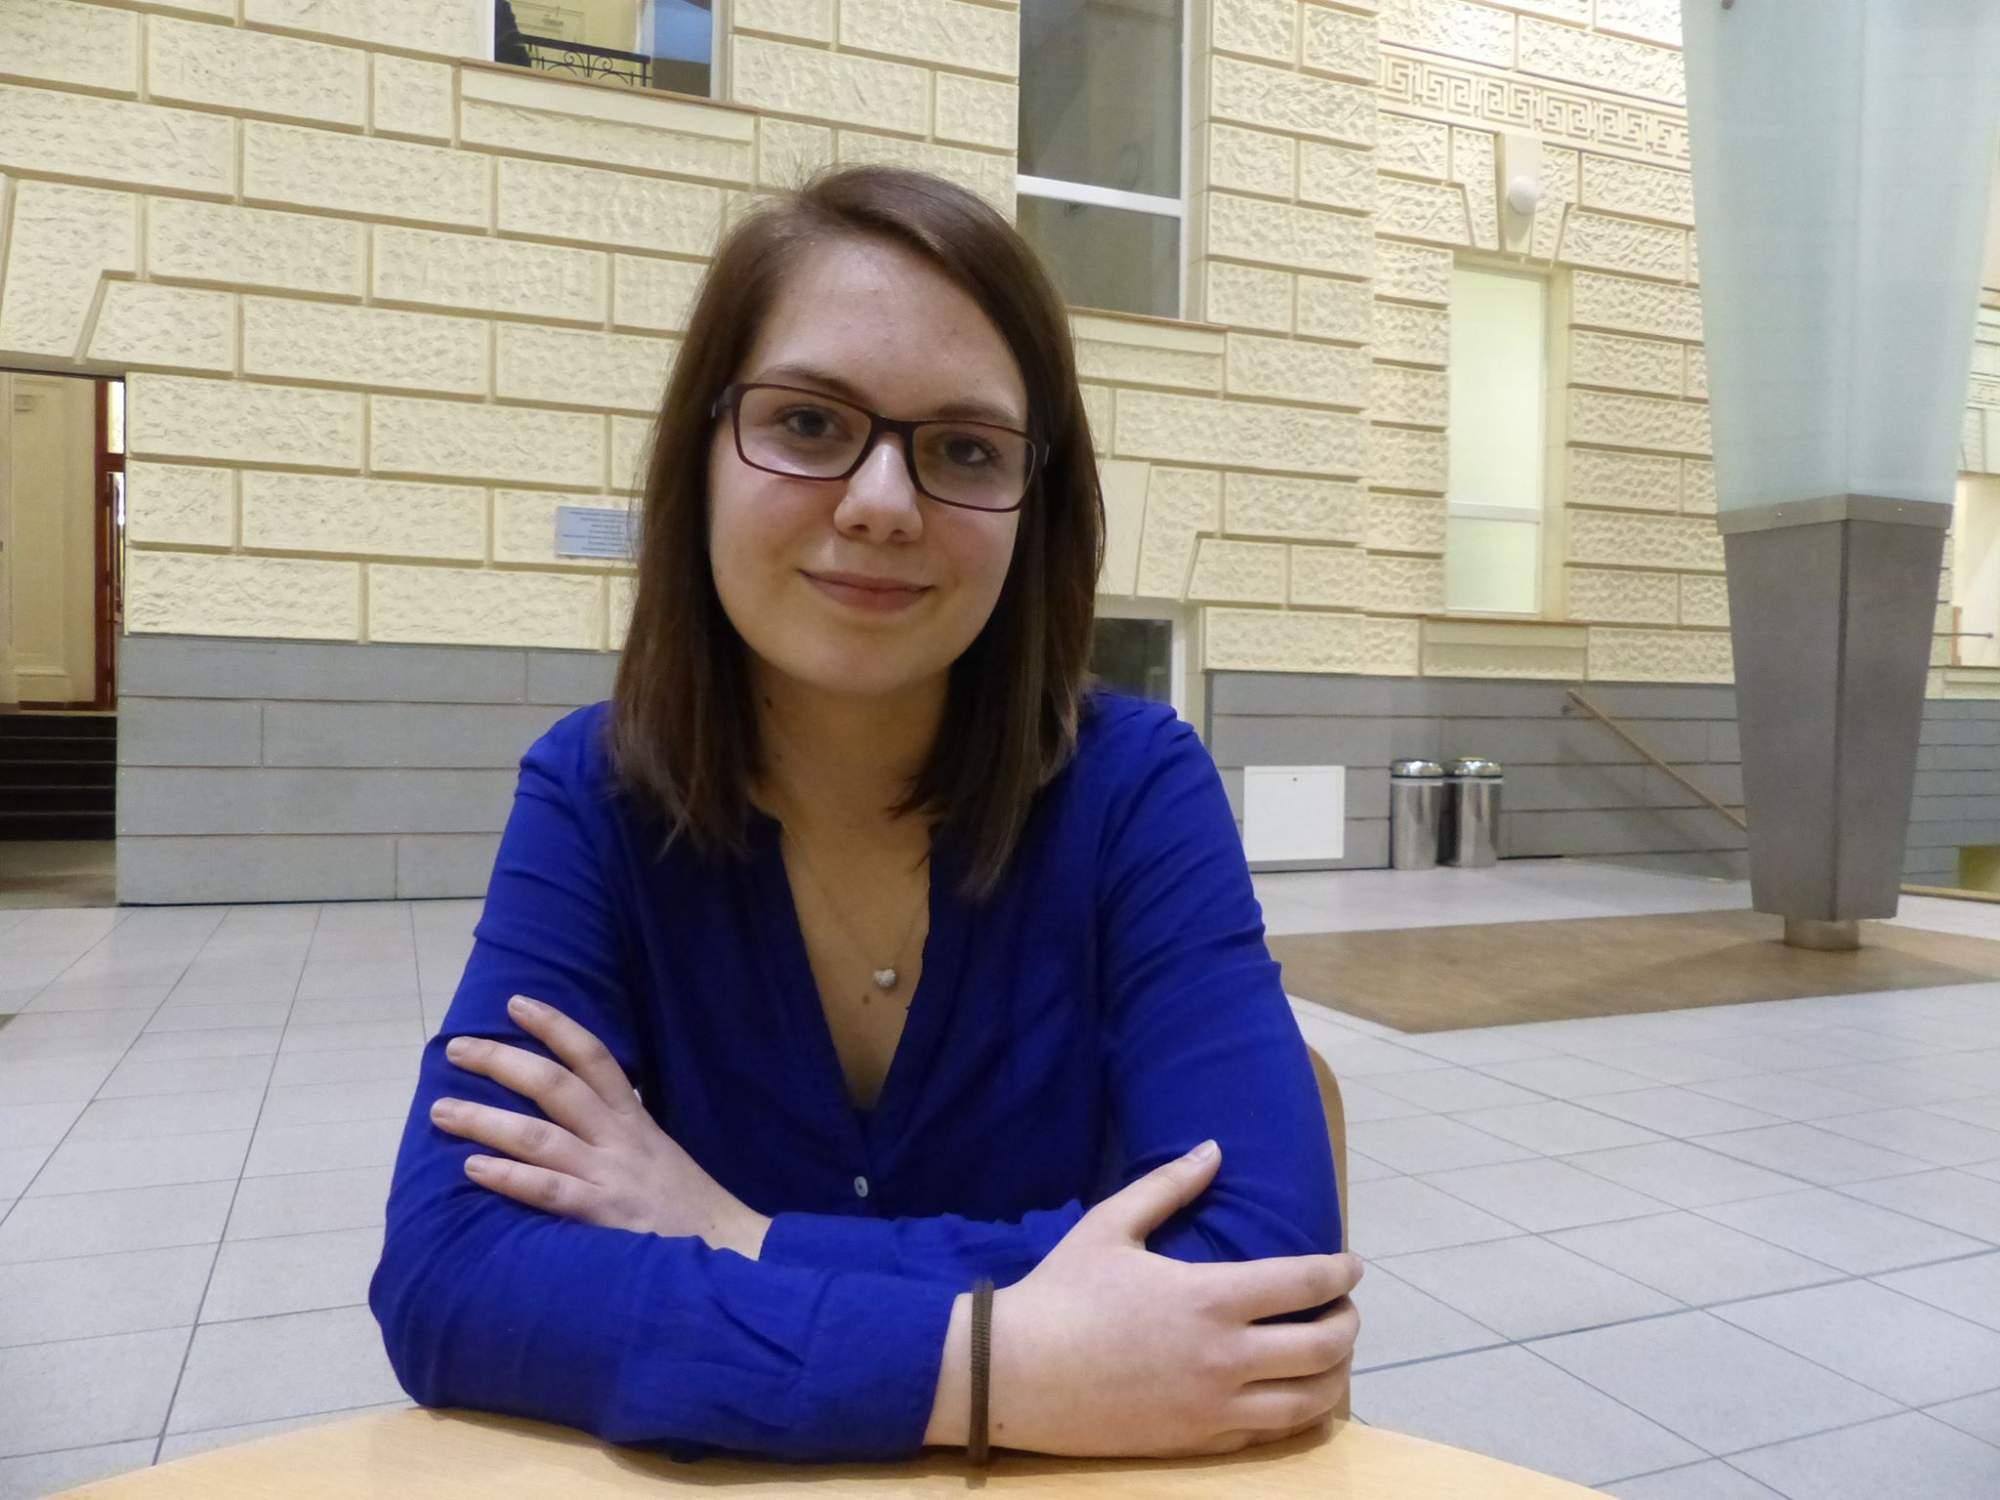 stážistka v projektu Demagog.cz Kristýna Šopfová. Foto: Ondřej Kaloud